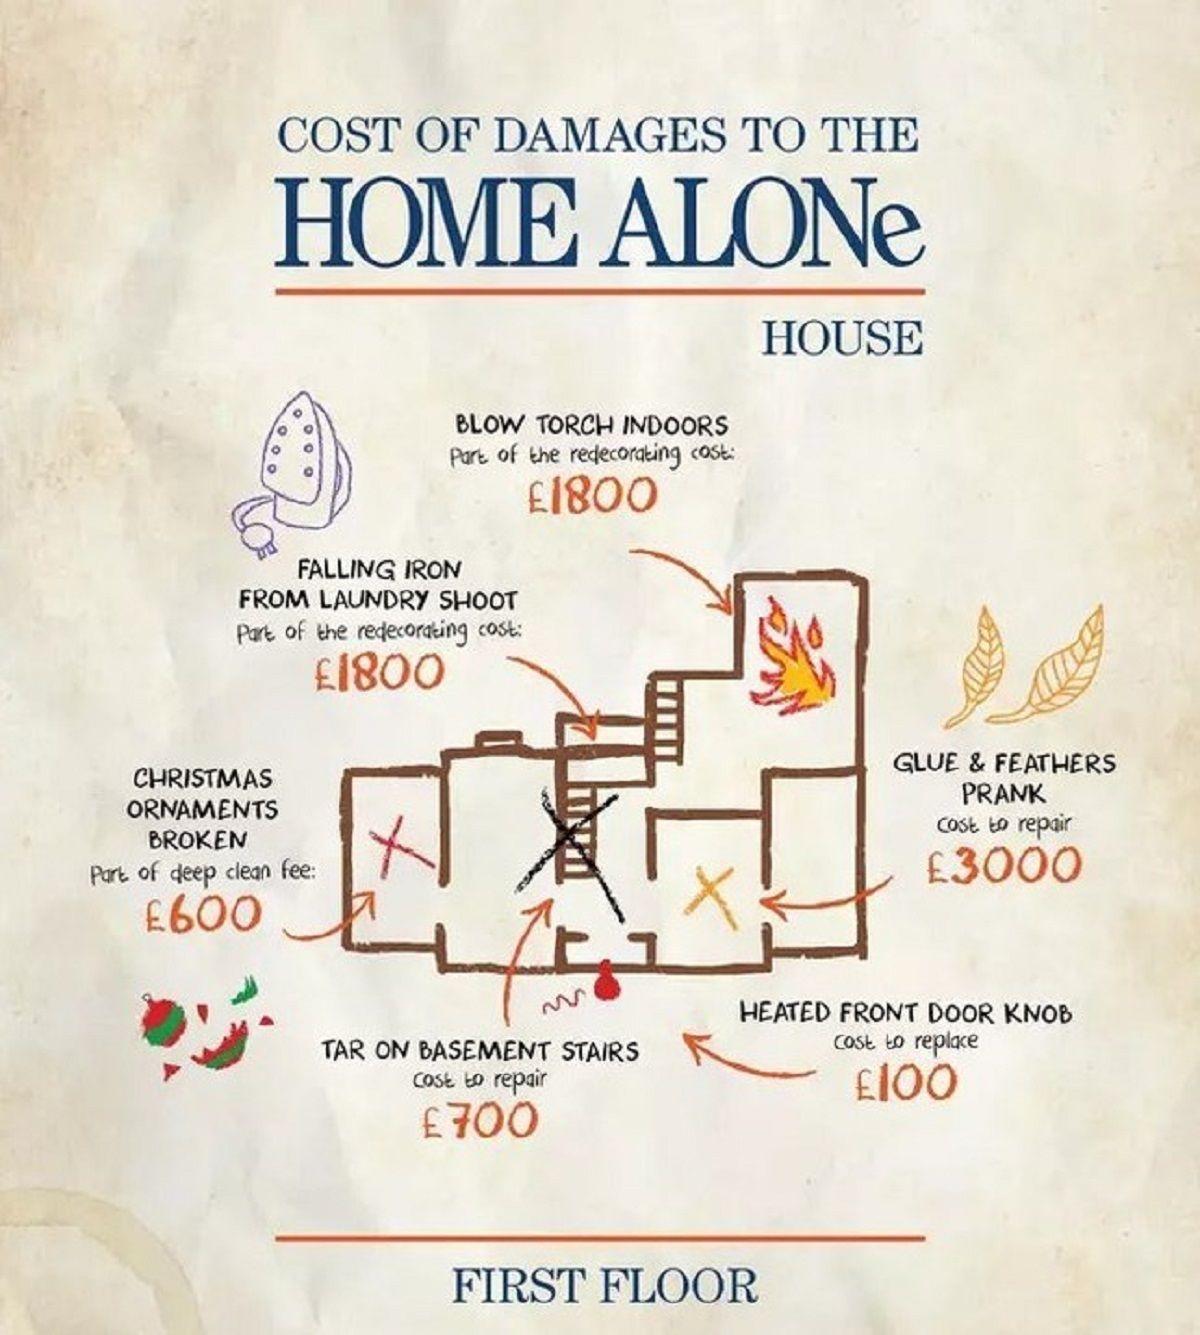 Σκίτσο που δείχνει πόσο κόστισαν οι ζημιές για τον πρώτο όροφο της ταινίας Home Alone